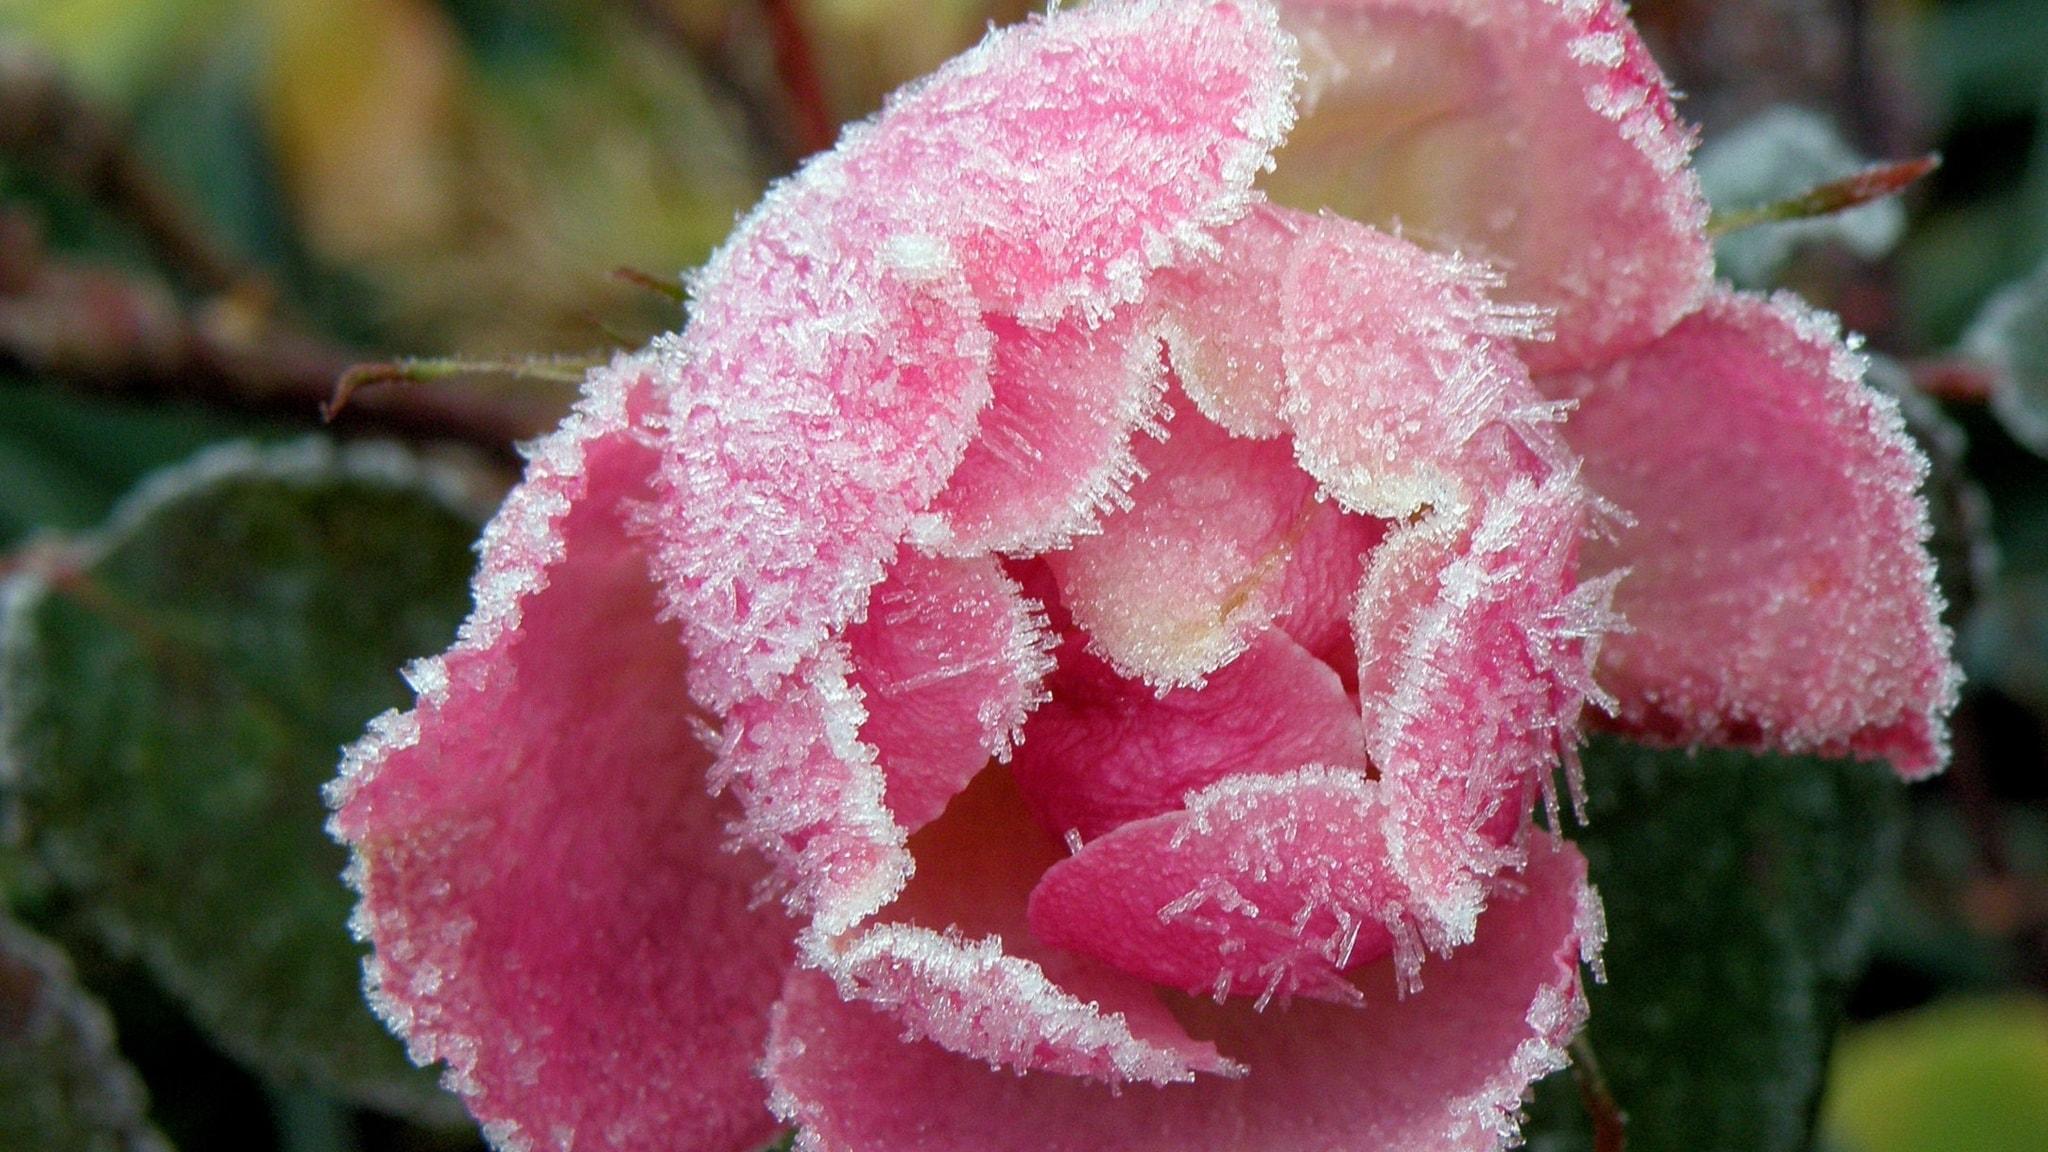 Frostnupenrosa blomma